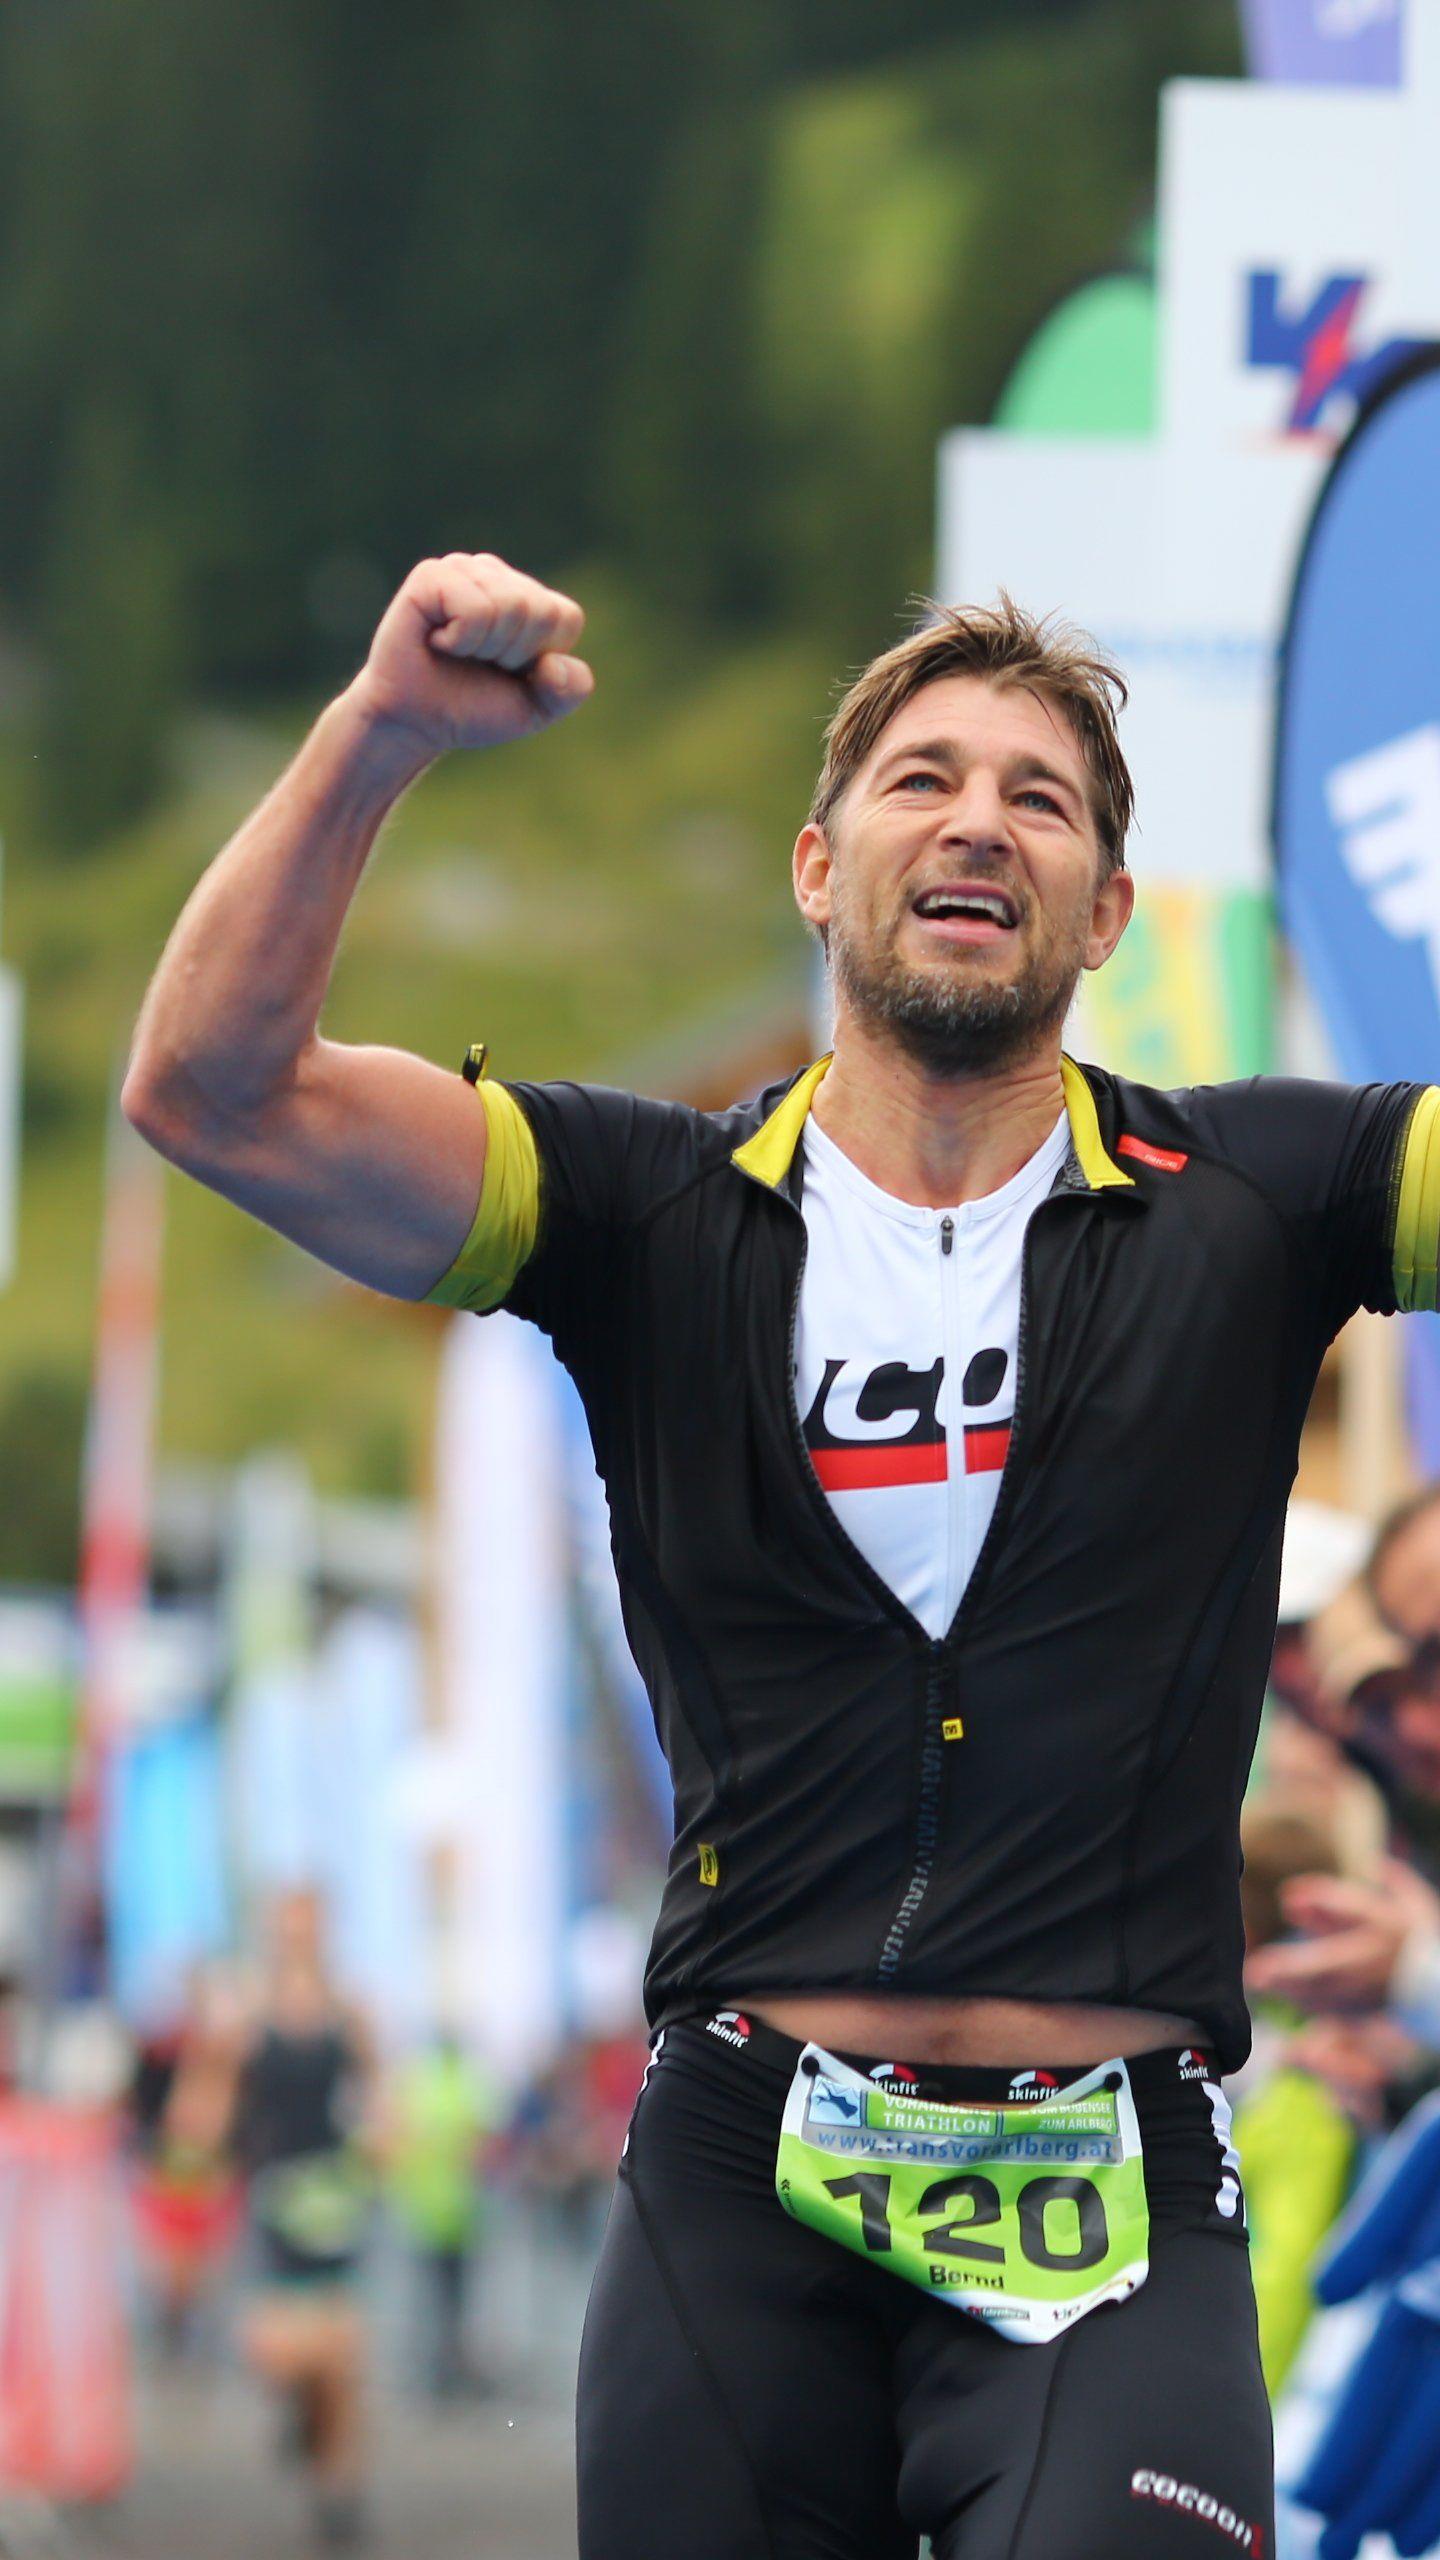 Topstars der Triathlon-Szene sind beim Ländle-Triathlon am Start